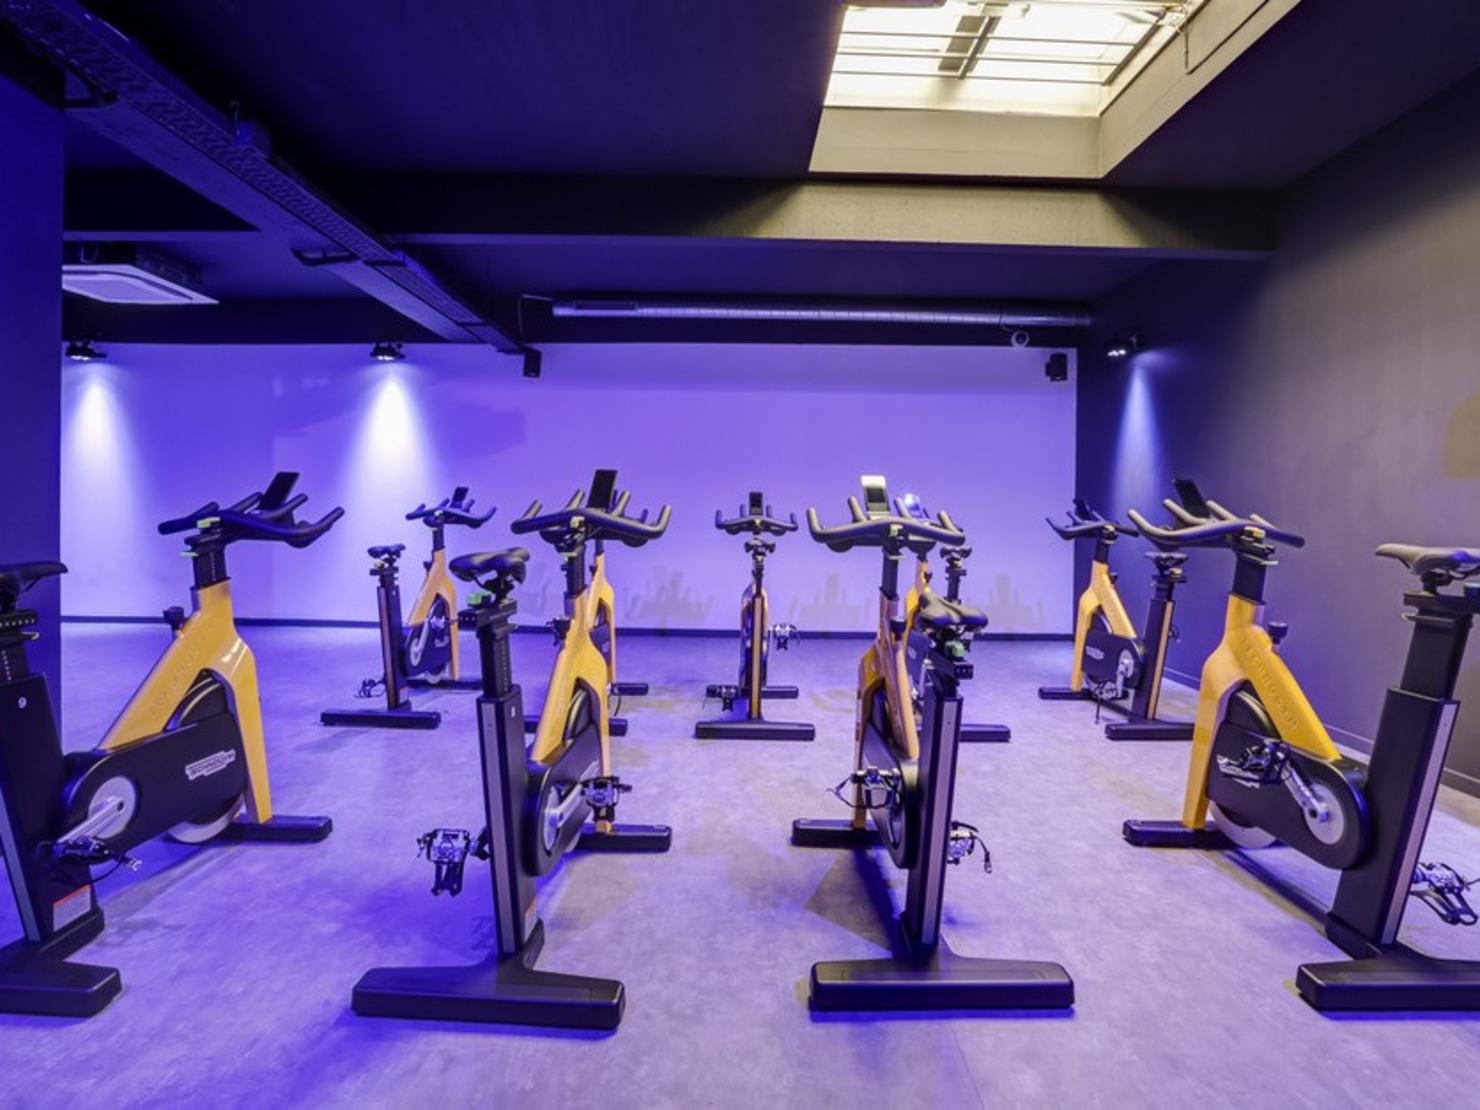 Fitness Park Vitry